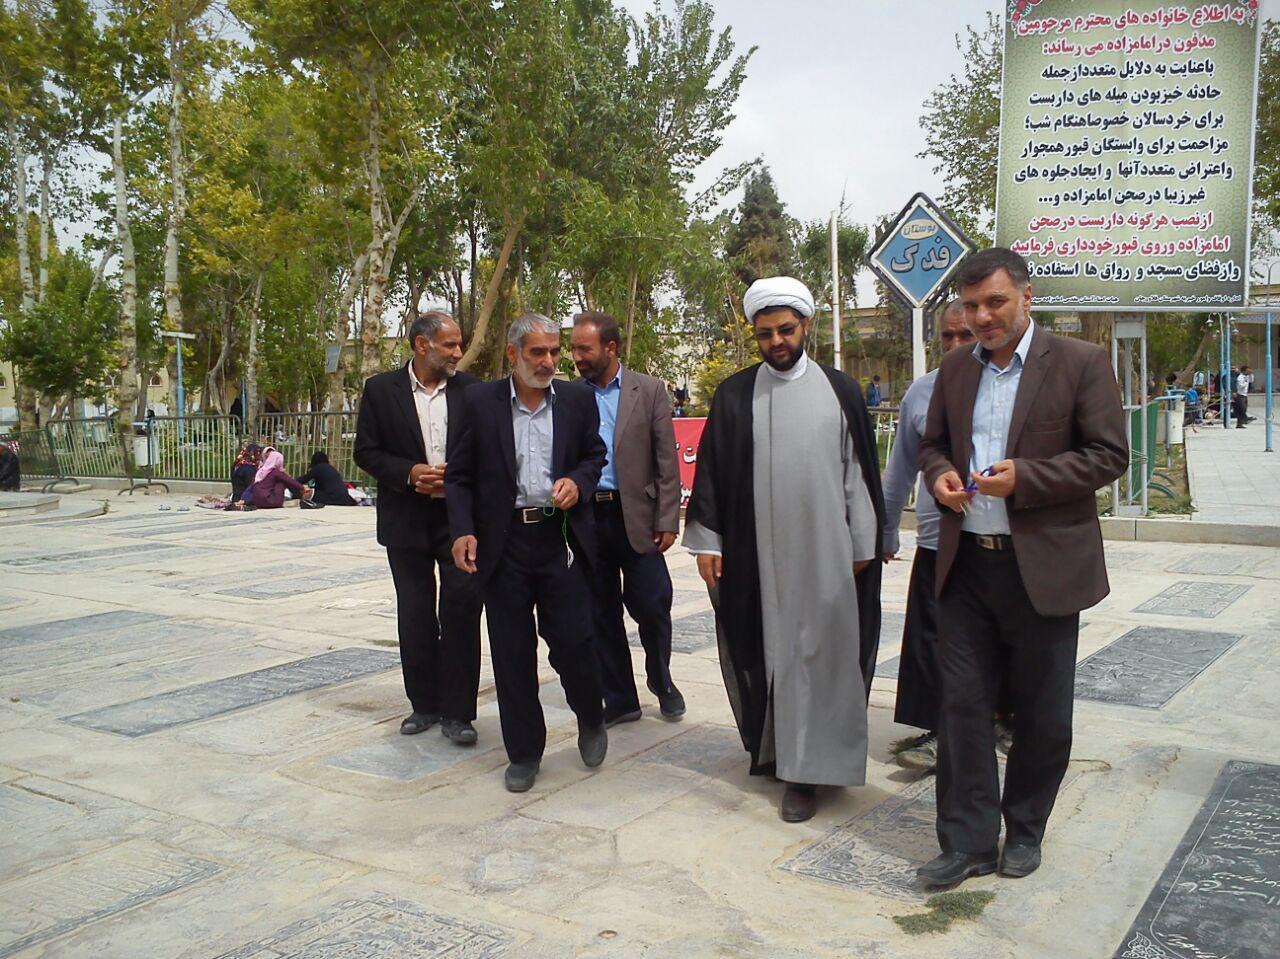 علامت گذاری محل احداث سقاخانه امامزاده سید محمد توسط امام جمعه محترم شهر قهدریجان